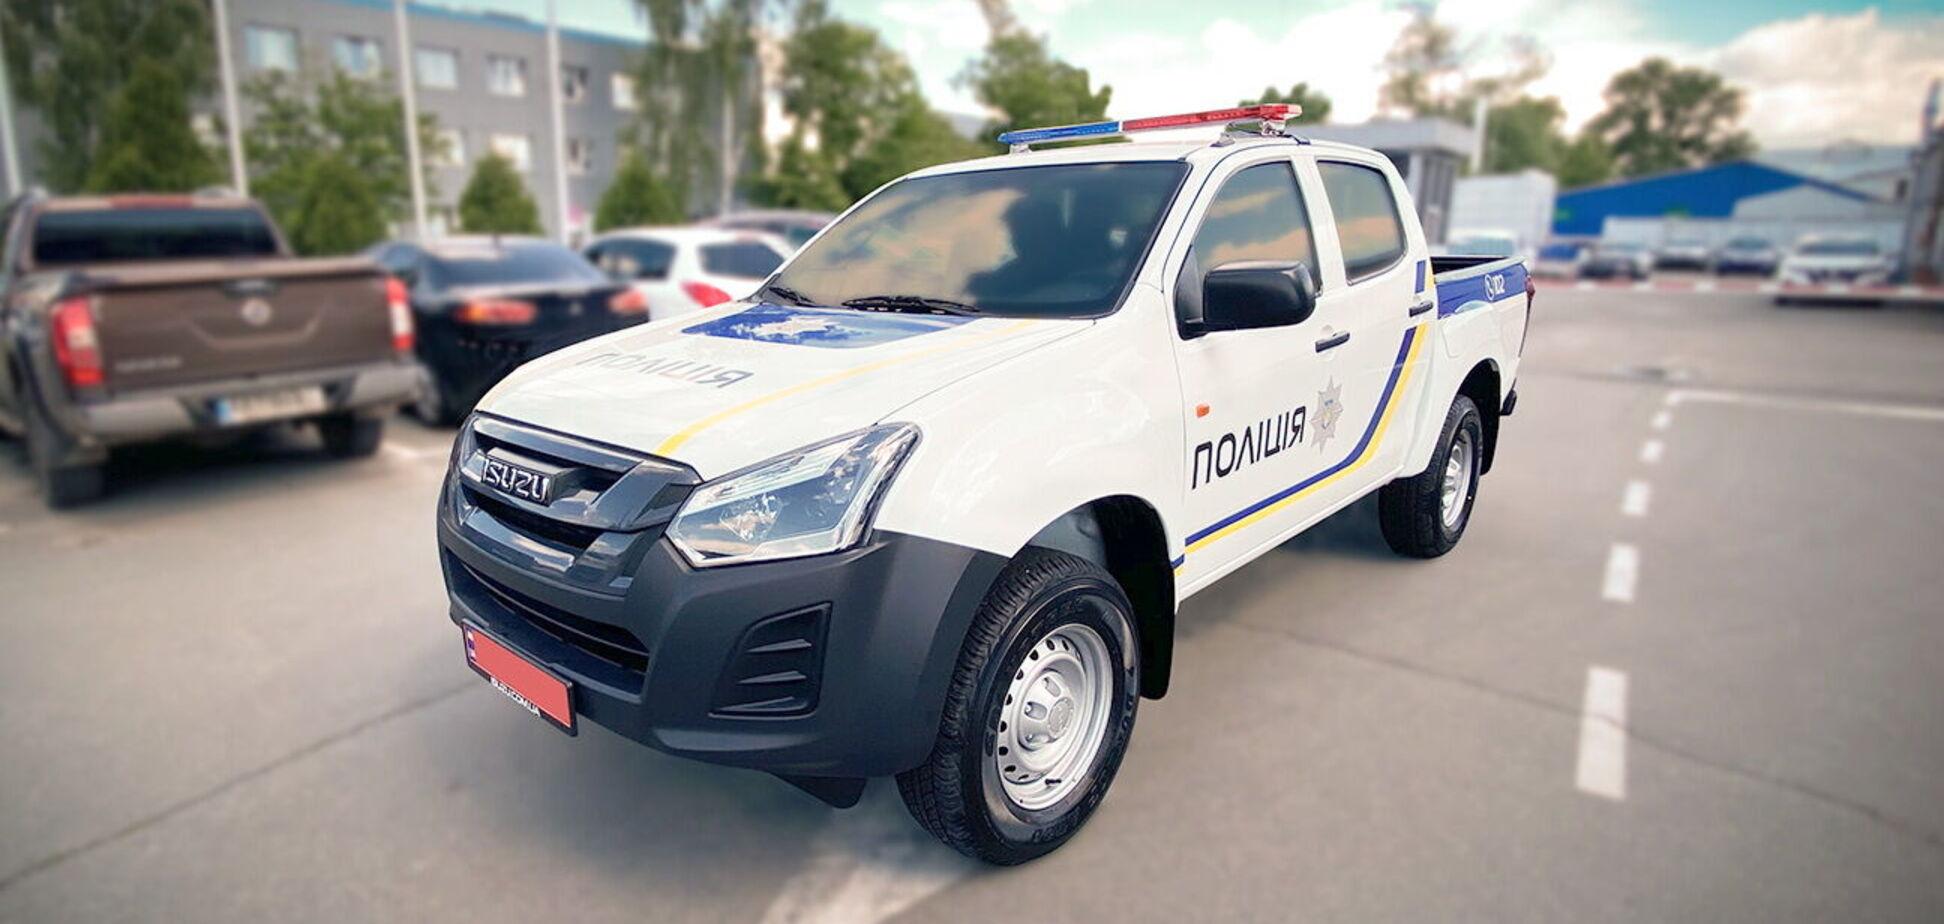 Патрульная полиция Украина получила пикапы Isuzu D-Max